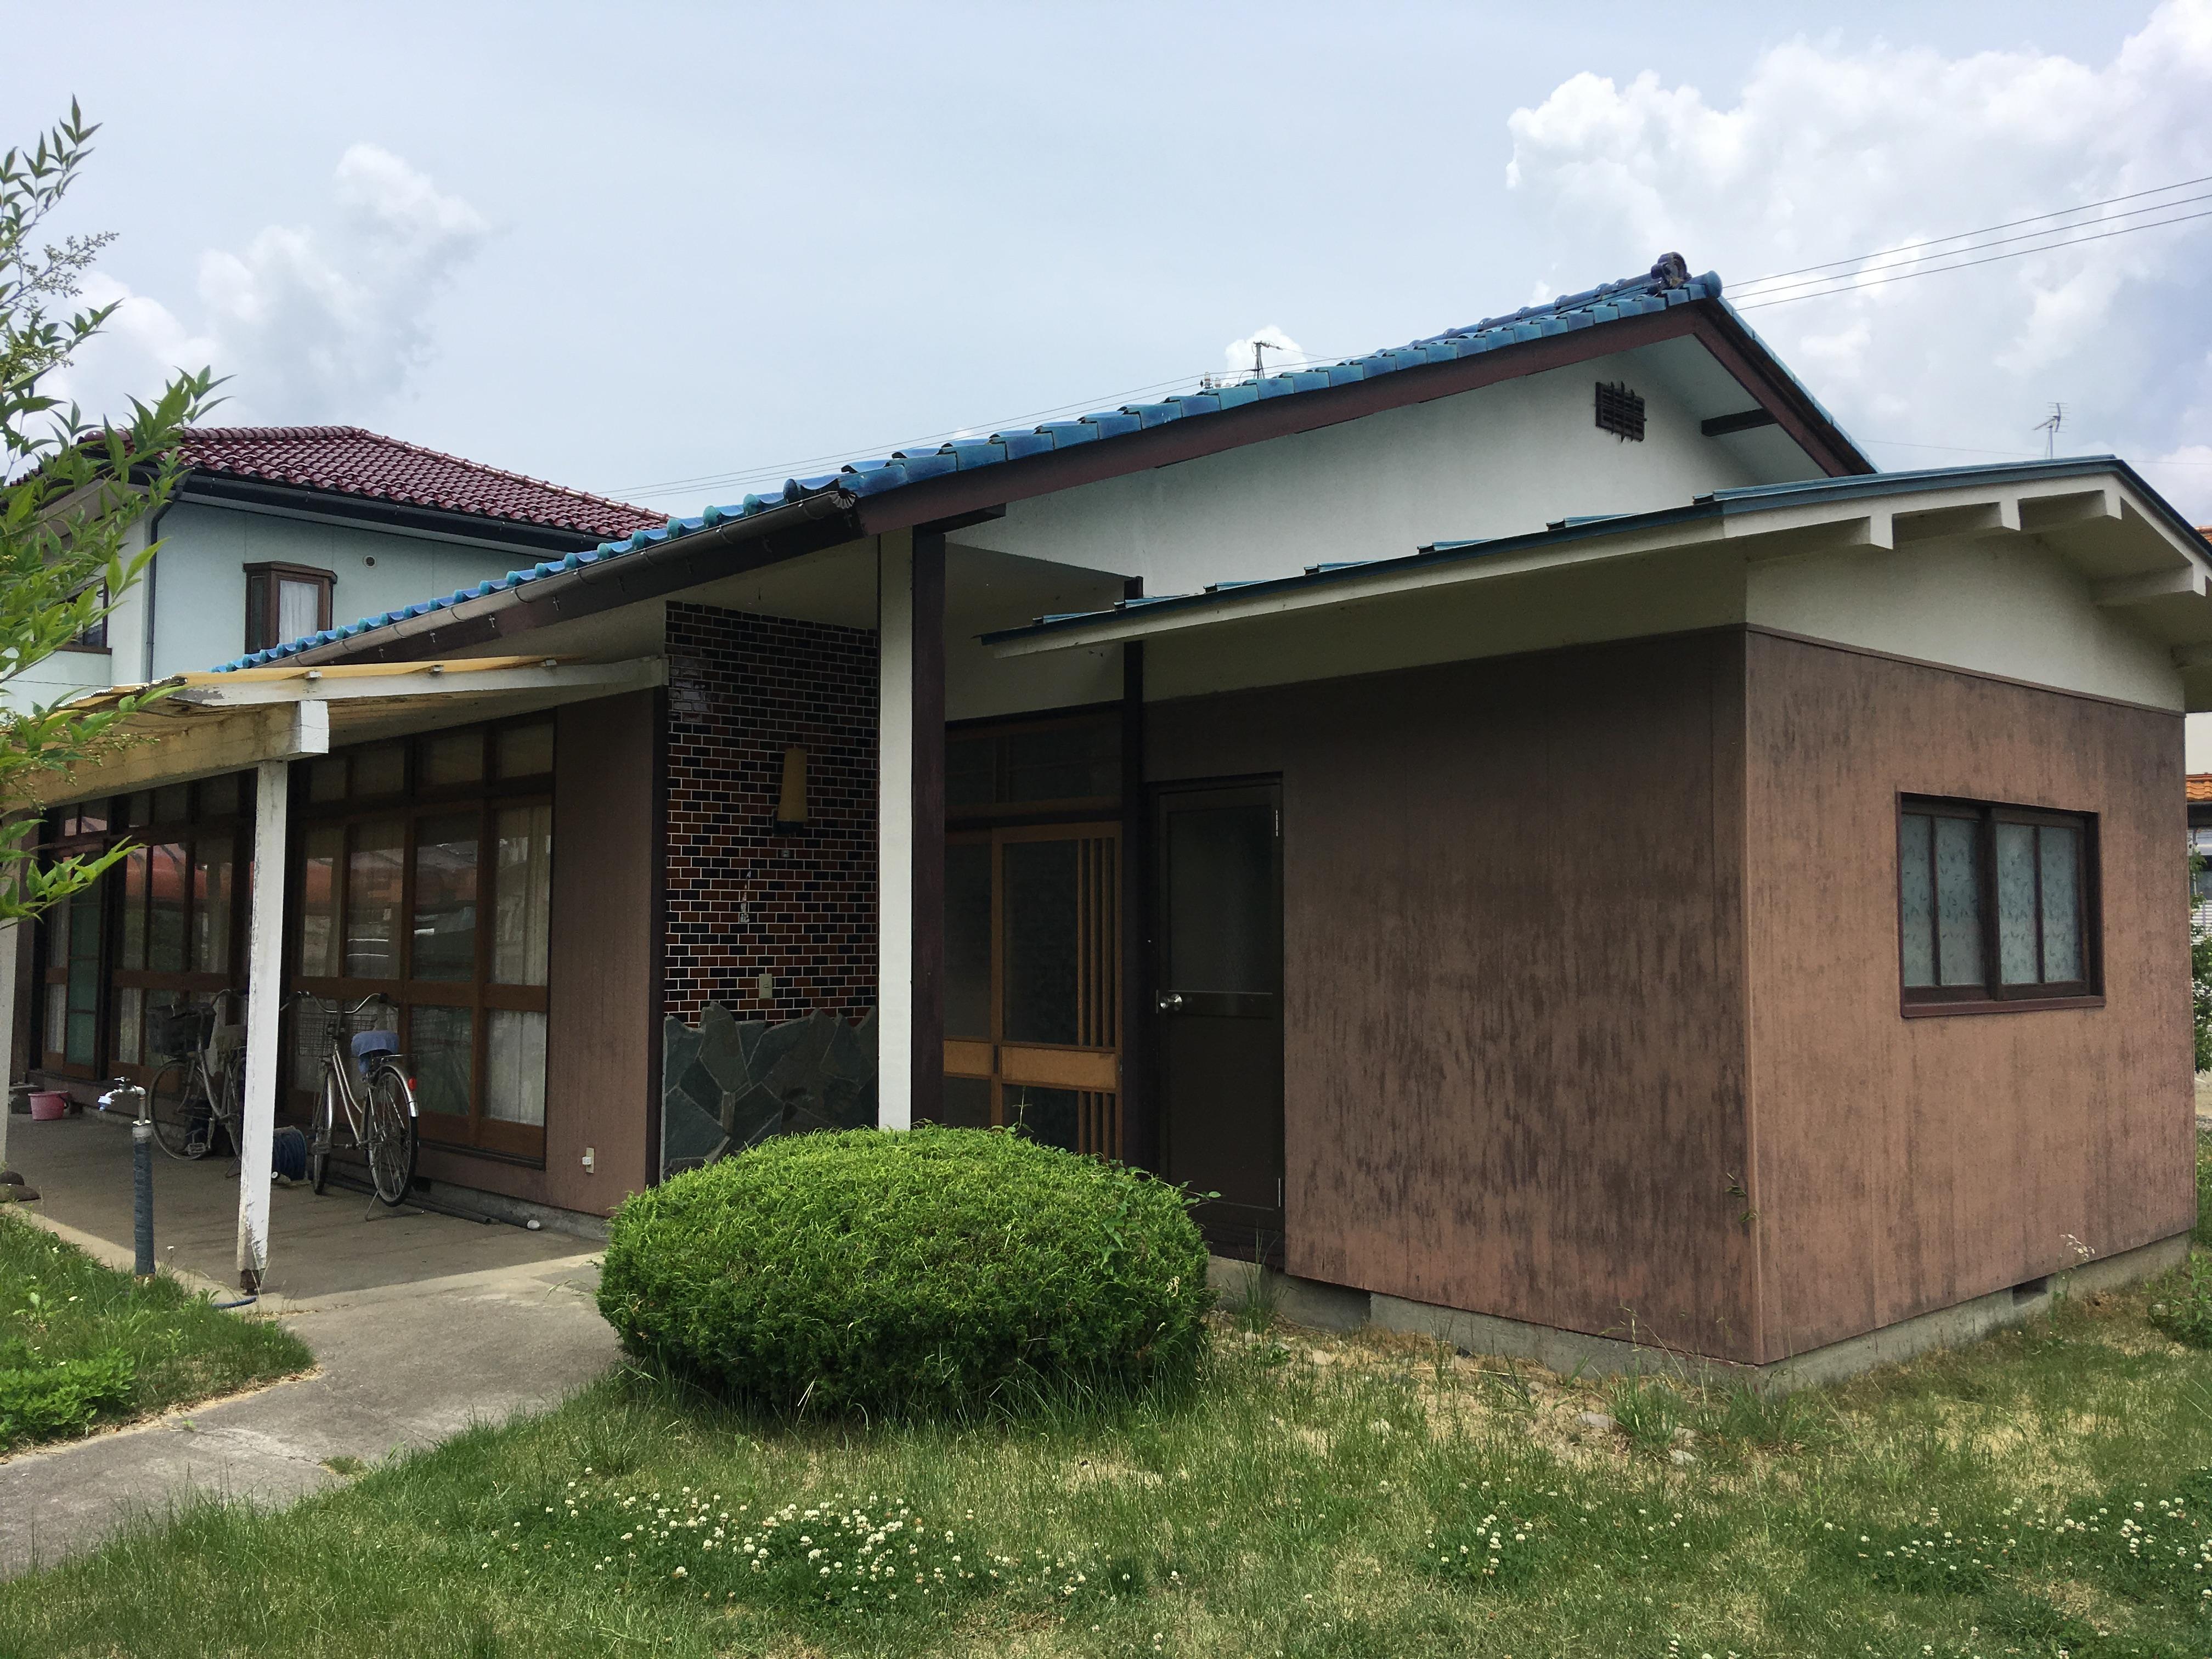 長野市大字高田 中古住宅(平屋 5DK+S) ※更地販売対応可能